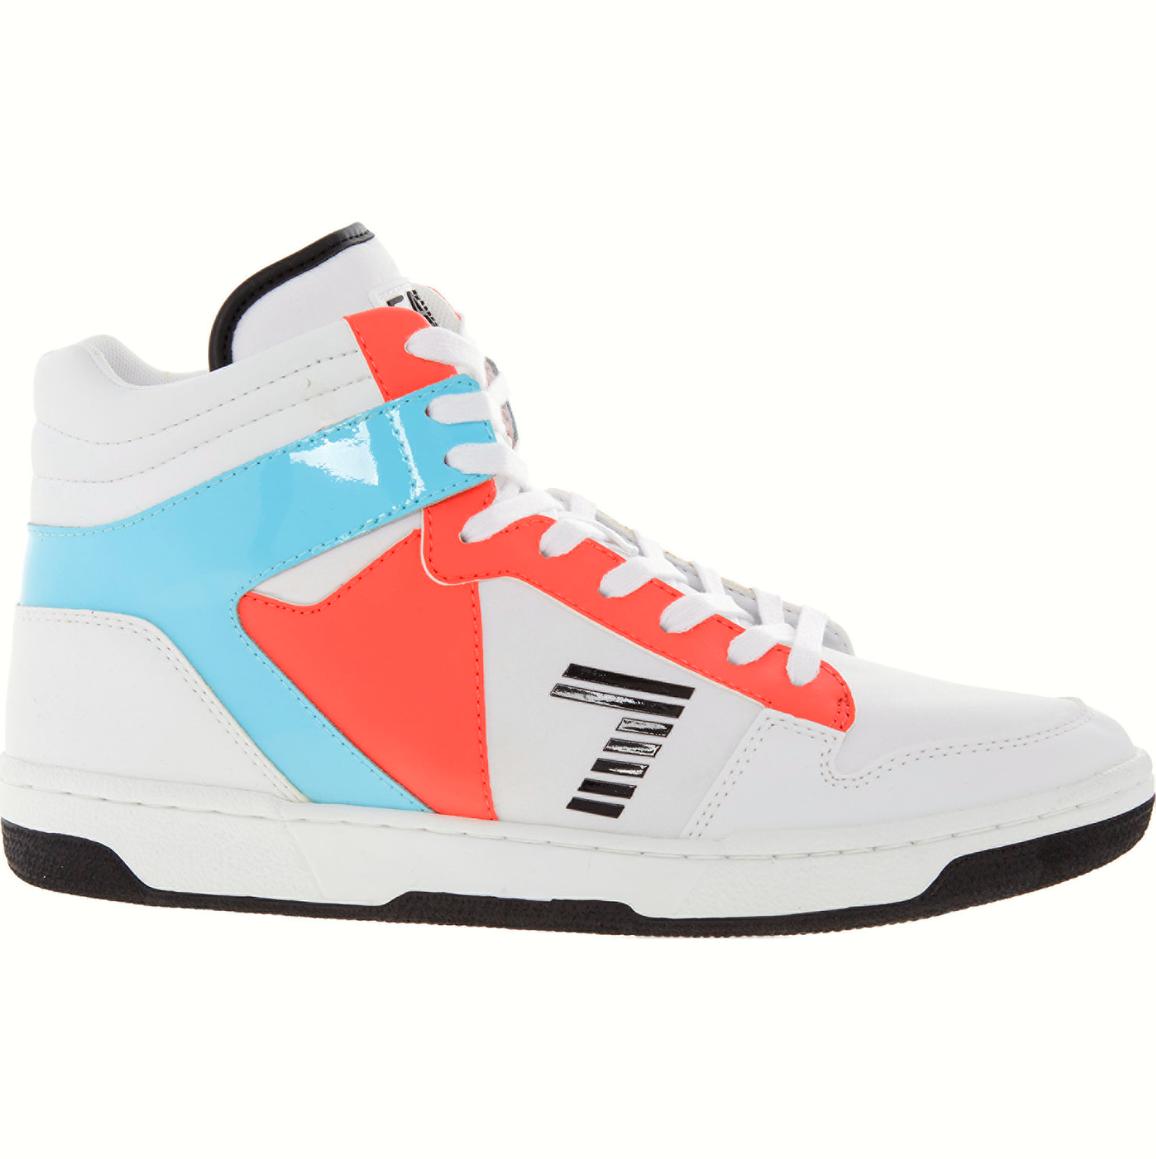 BNIB Emporio Armani Weiß Blau Pink Hi Top Sneaker Trainer Schuhes UK 7 EU 40